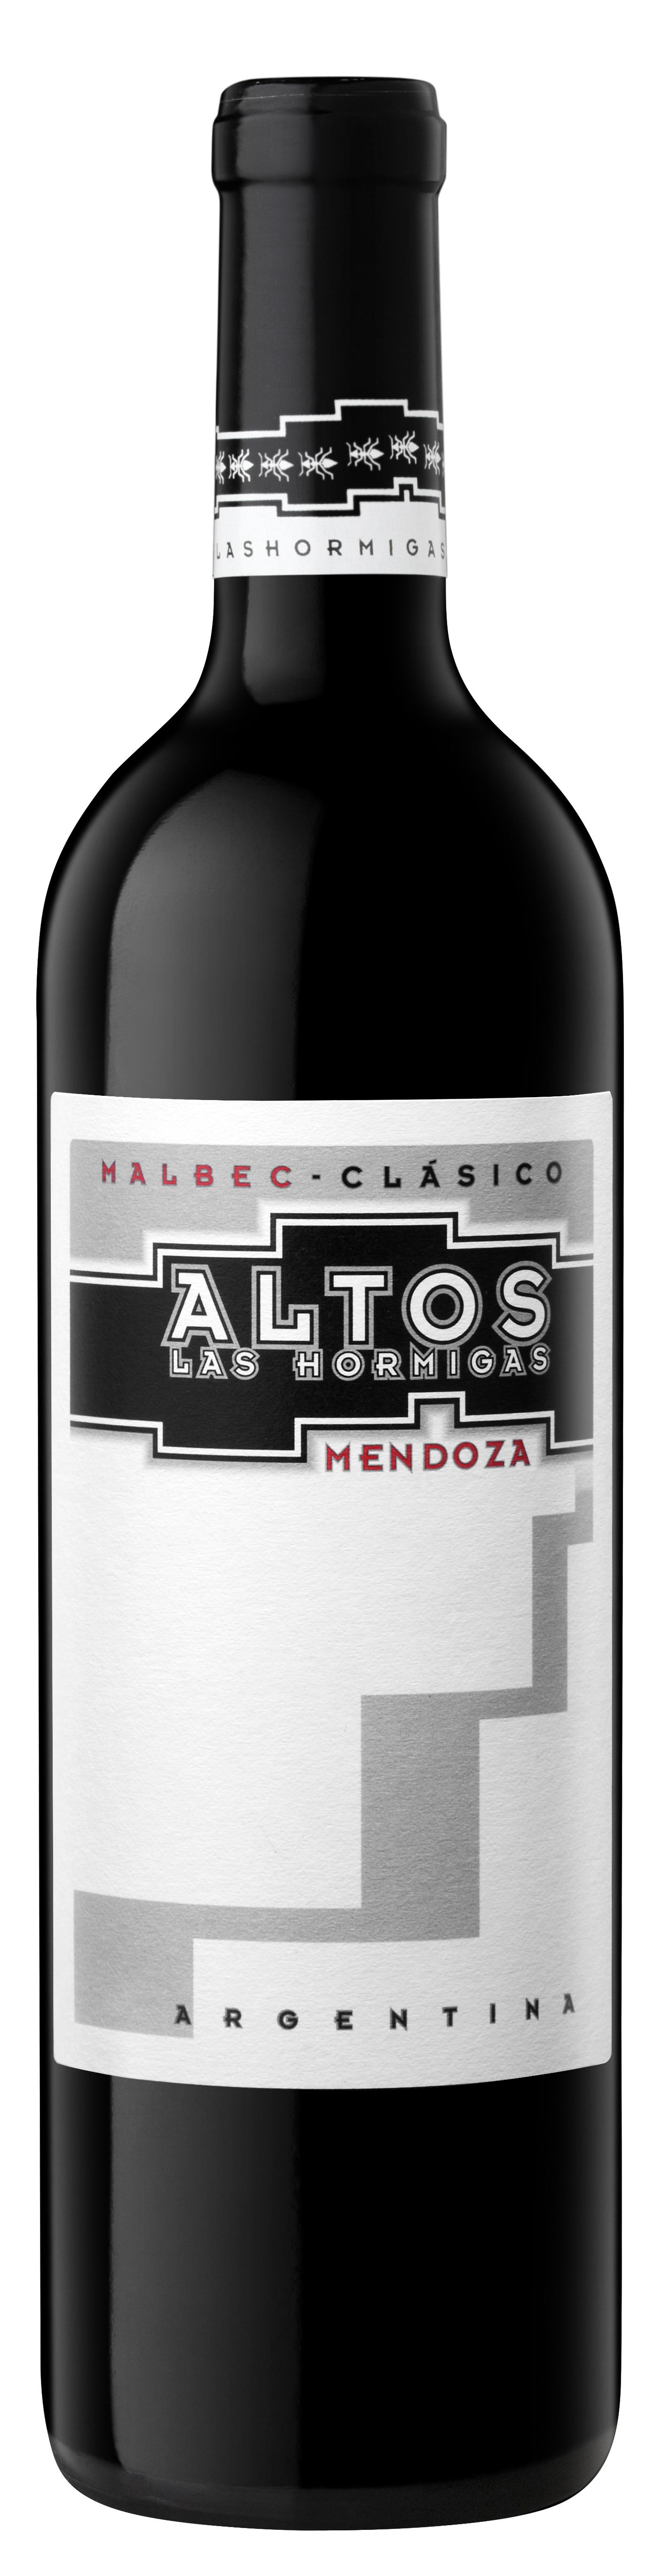 Altos Las Hormigas, Mendoza Malbec Clasico 2015